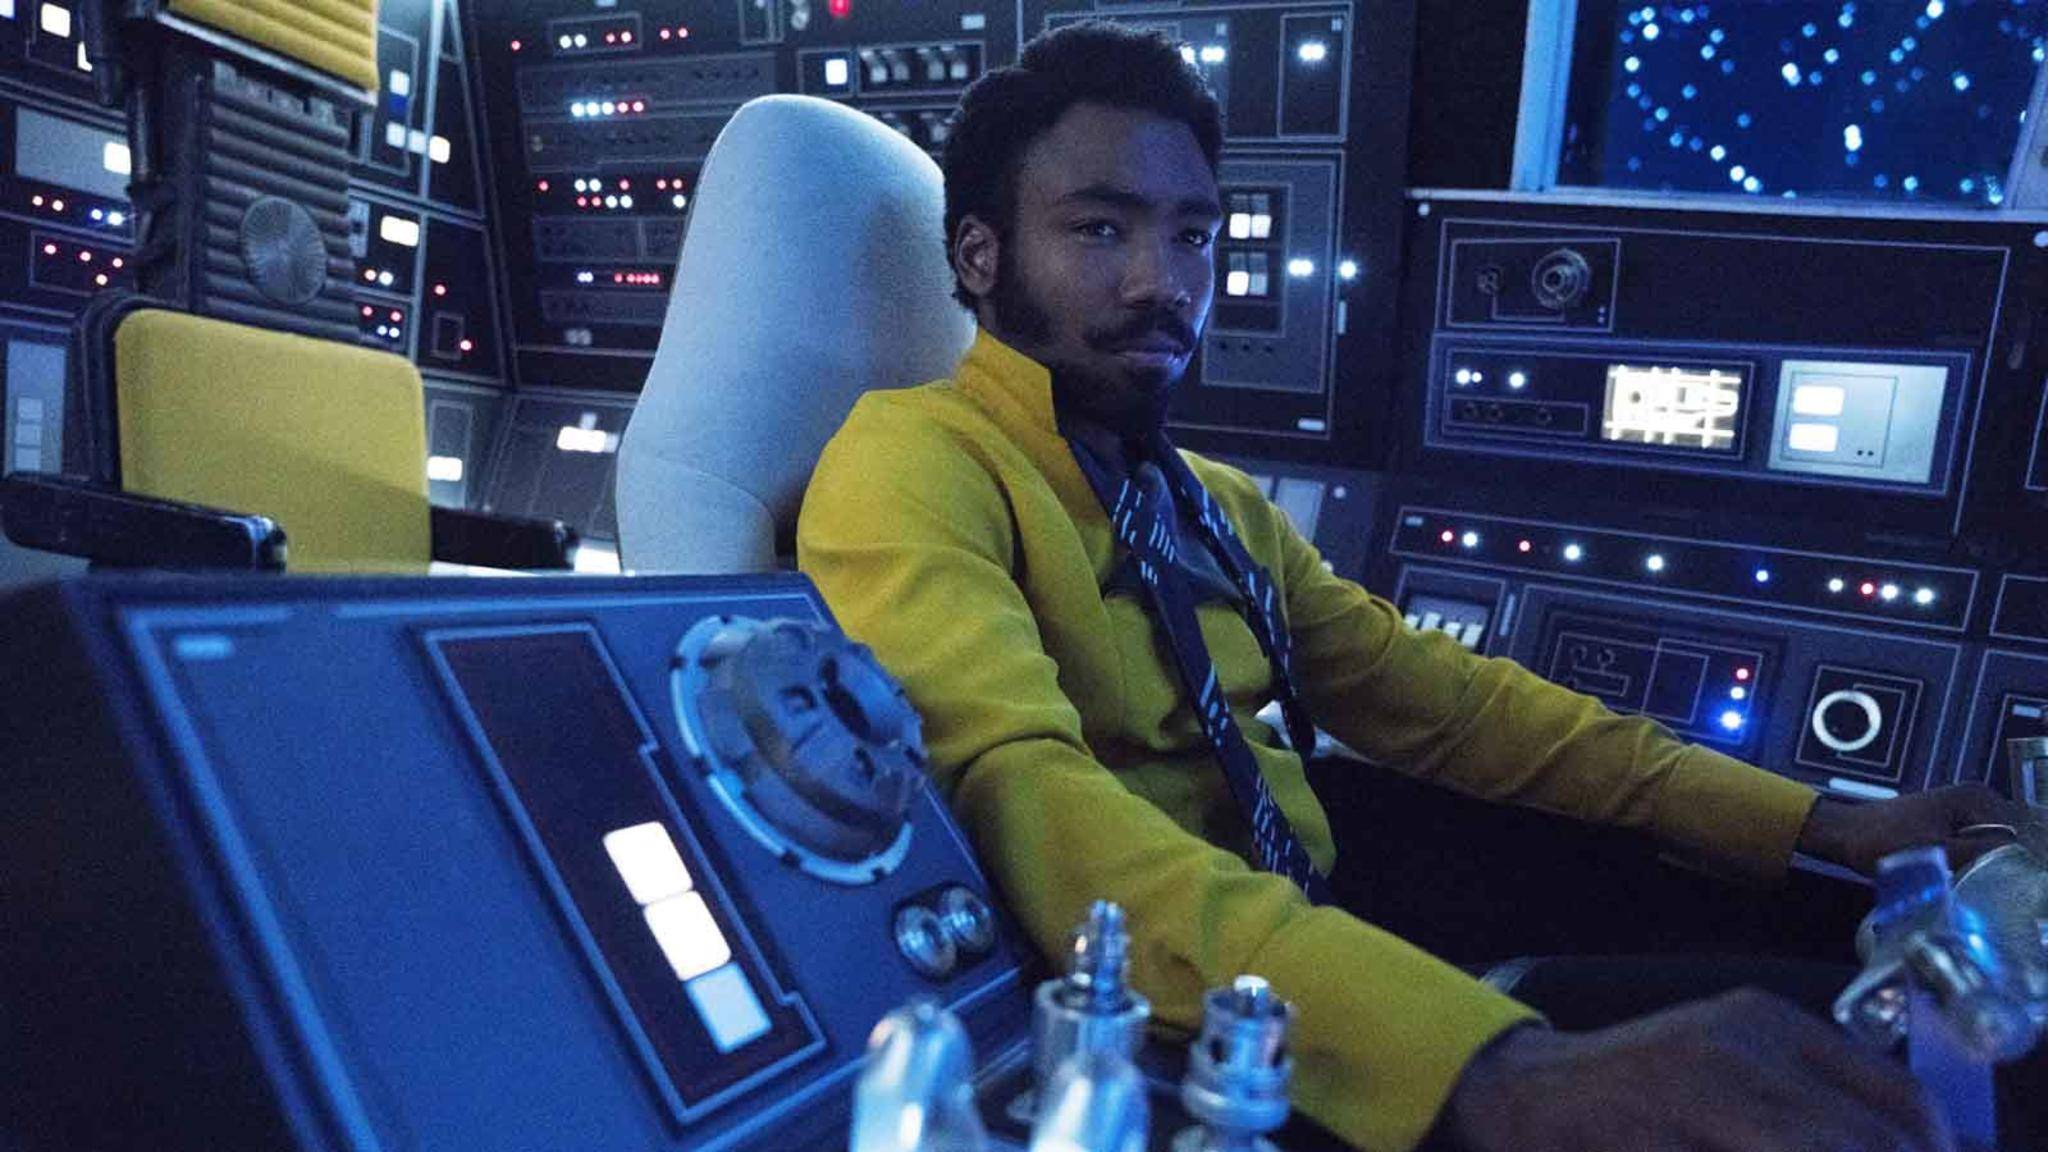 Feiert Donald Glover bald auf Disney+ sein großes Comeback als Lando Calrissian?